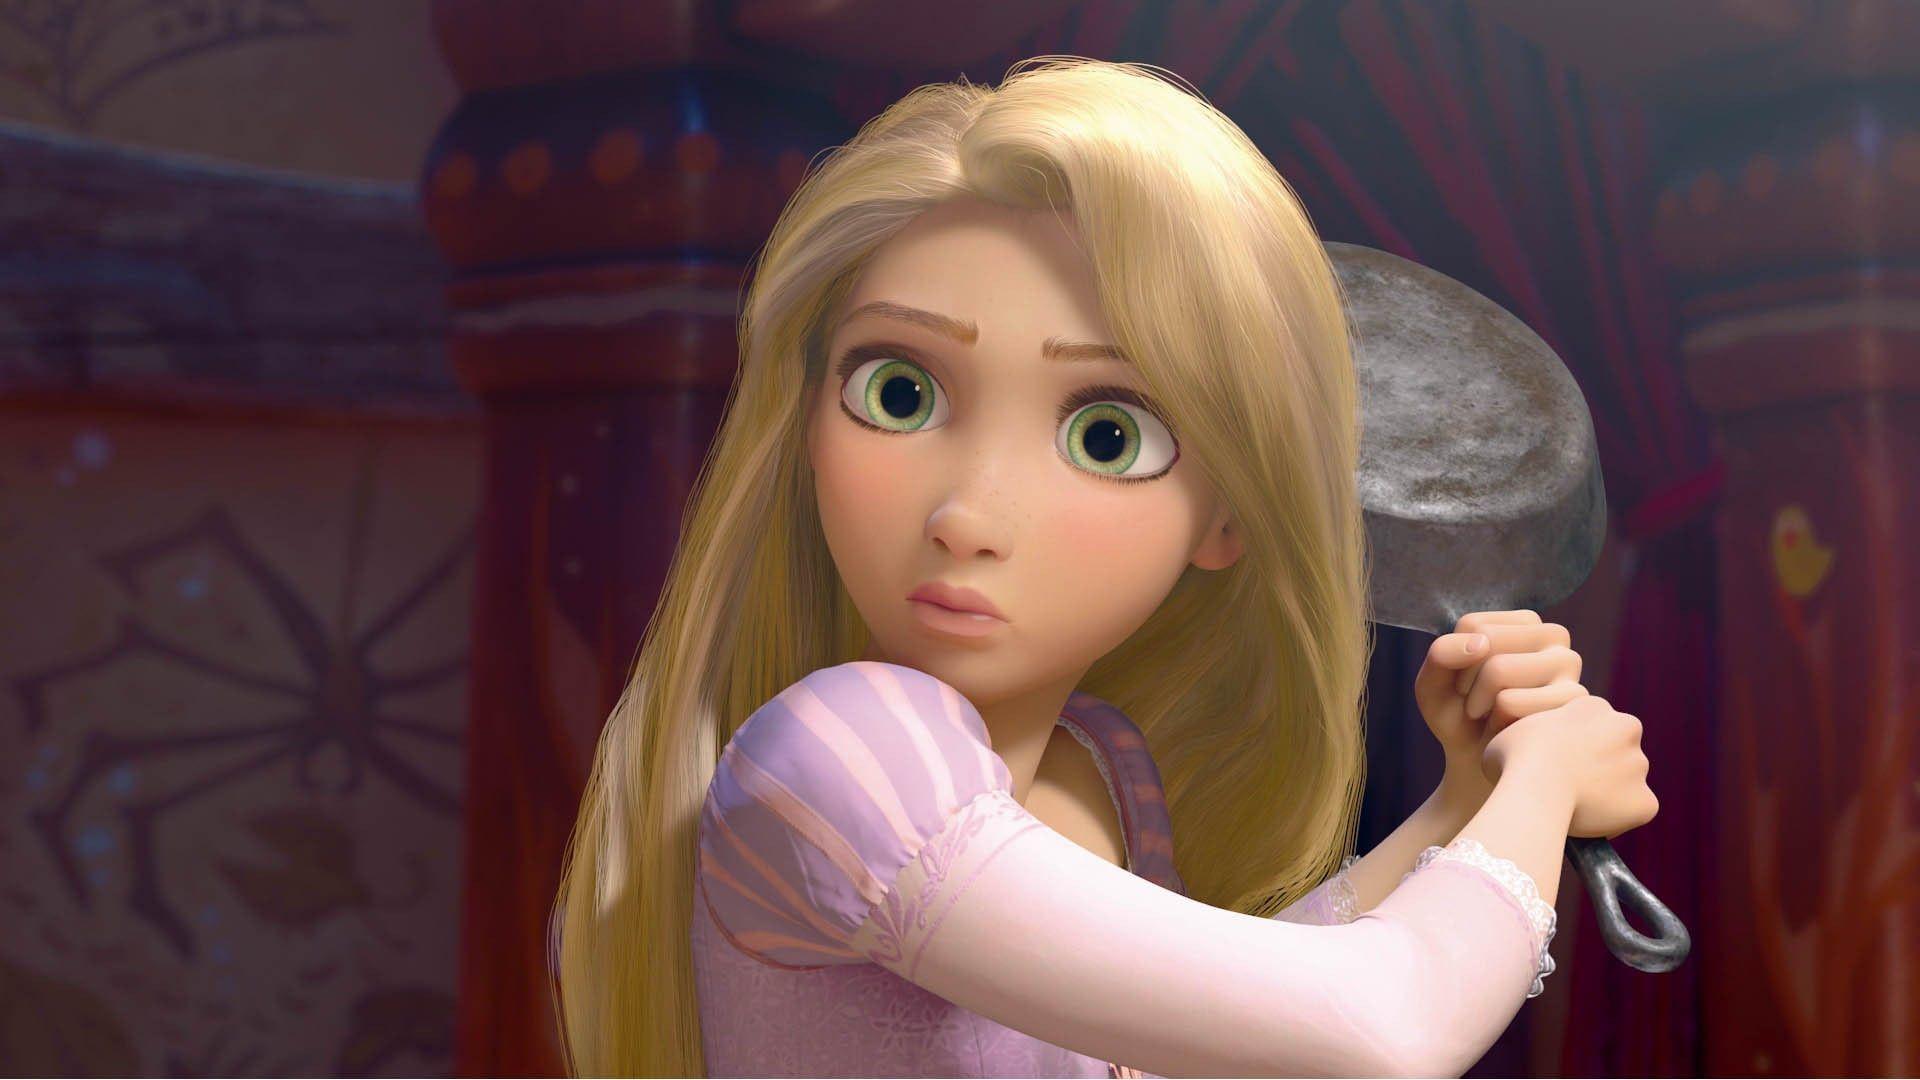 Aranyhaj Es A Nagy Gubanc 2010 Online Teljes Film Filmek Magyarul Letoltes Hd A Kiralysag Legkeresettebb Es Eg Classic Family Movies Disney Tangled Disney Quiz